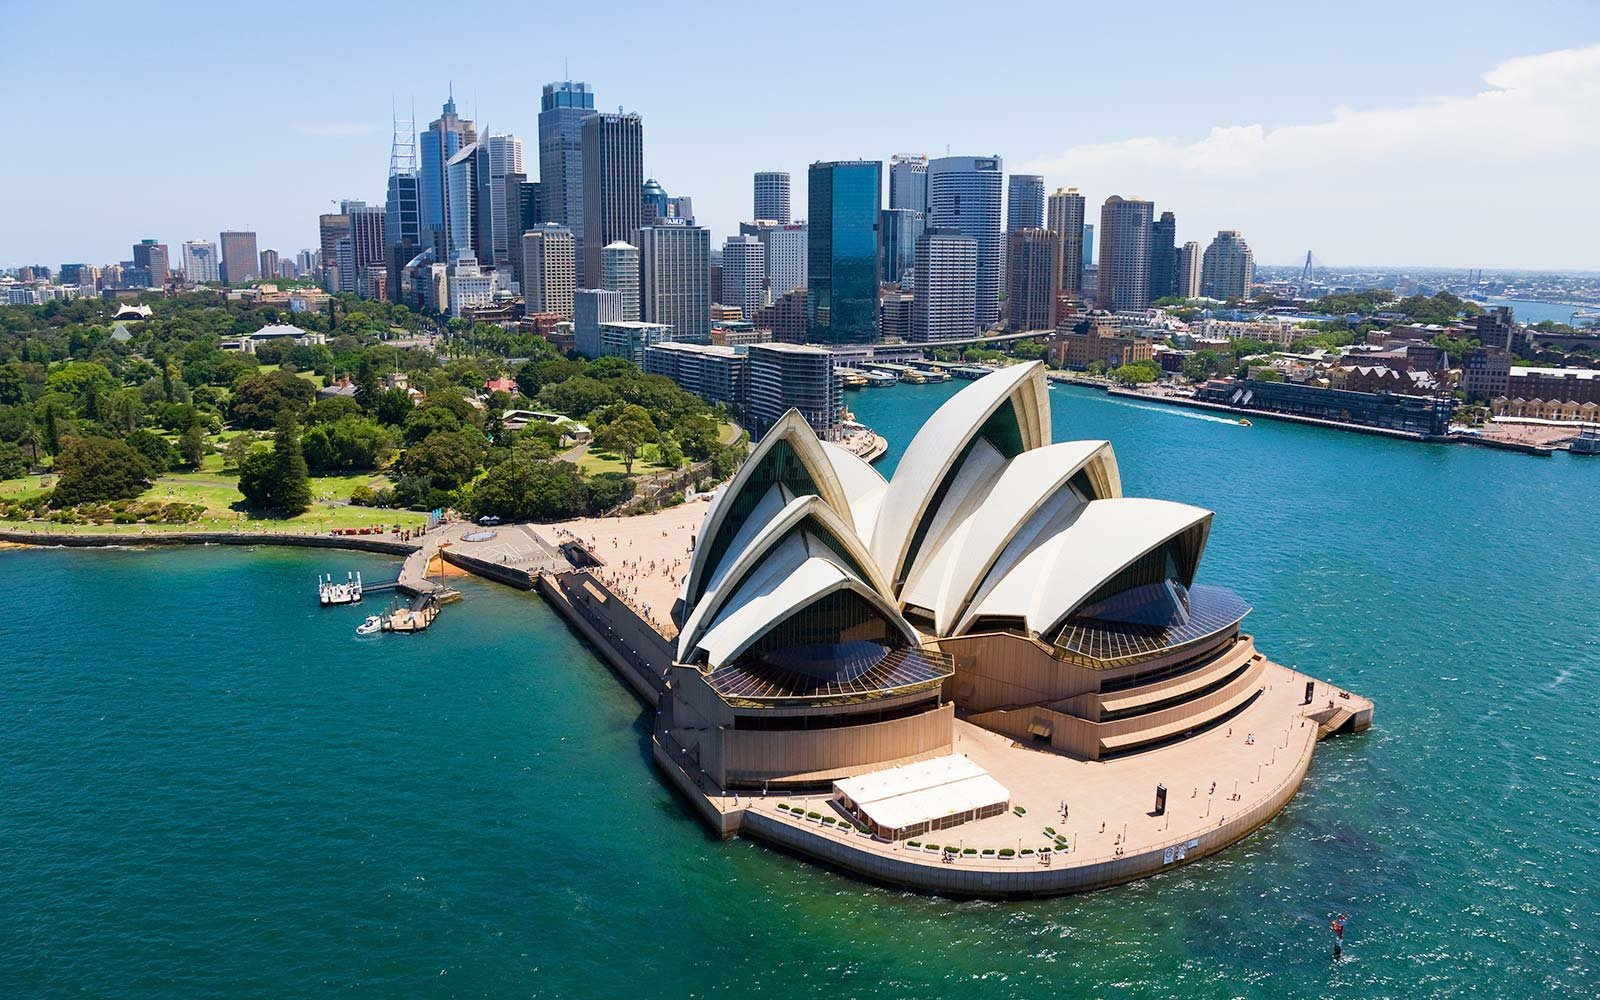 sydney-opera-house-australia-UNITEDSYDNEY1217.jpg